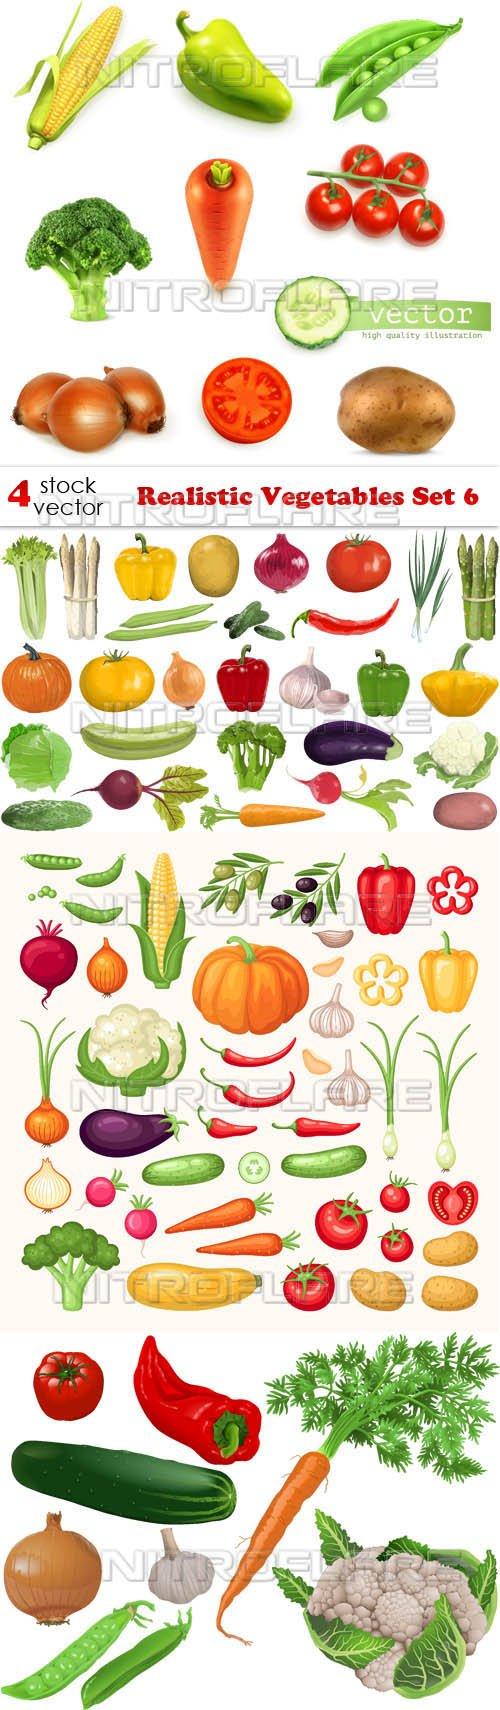 Vectors - Realistic Vegetables Set 6